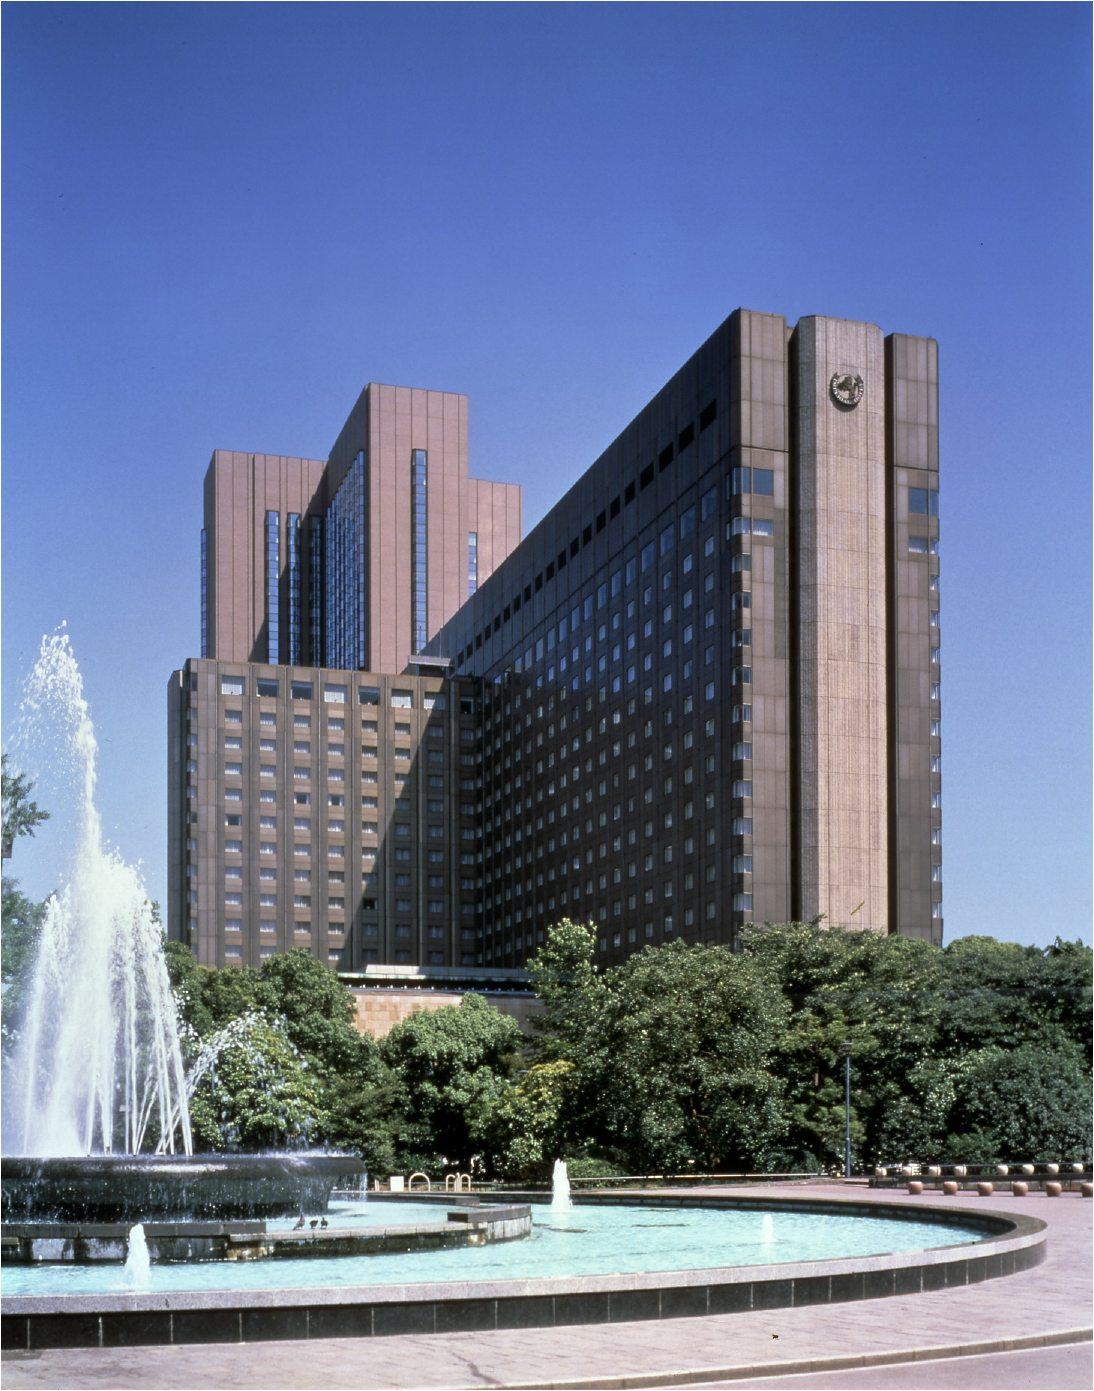 ◇帝国ホテルで受けるランチ付き人間ドック+脳ドック◇